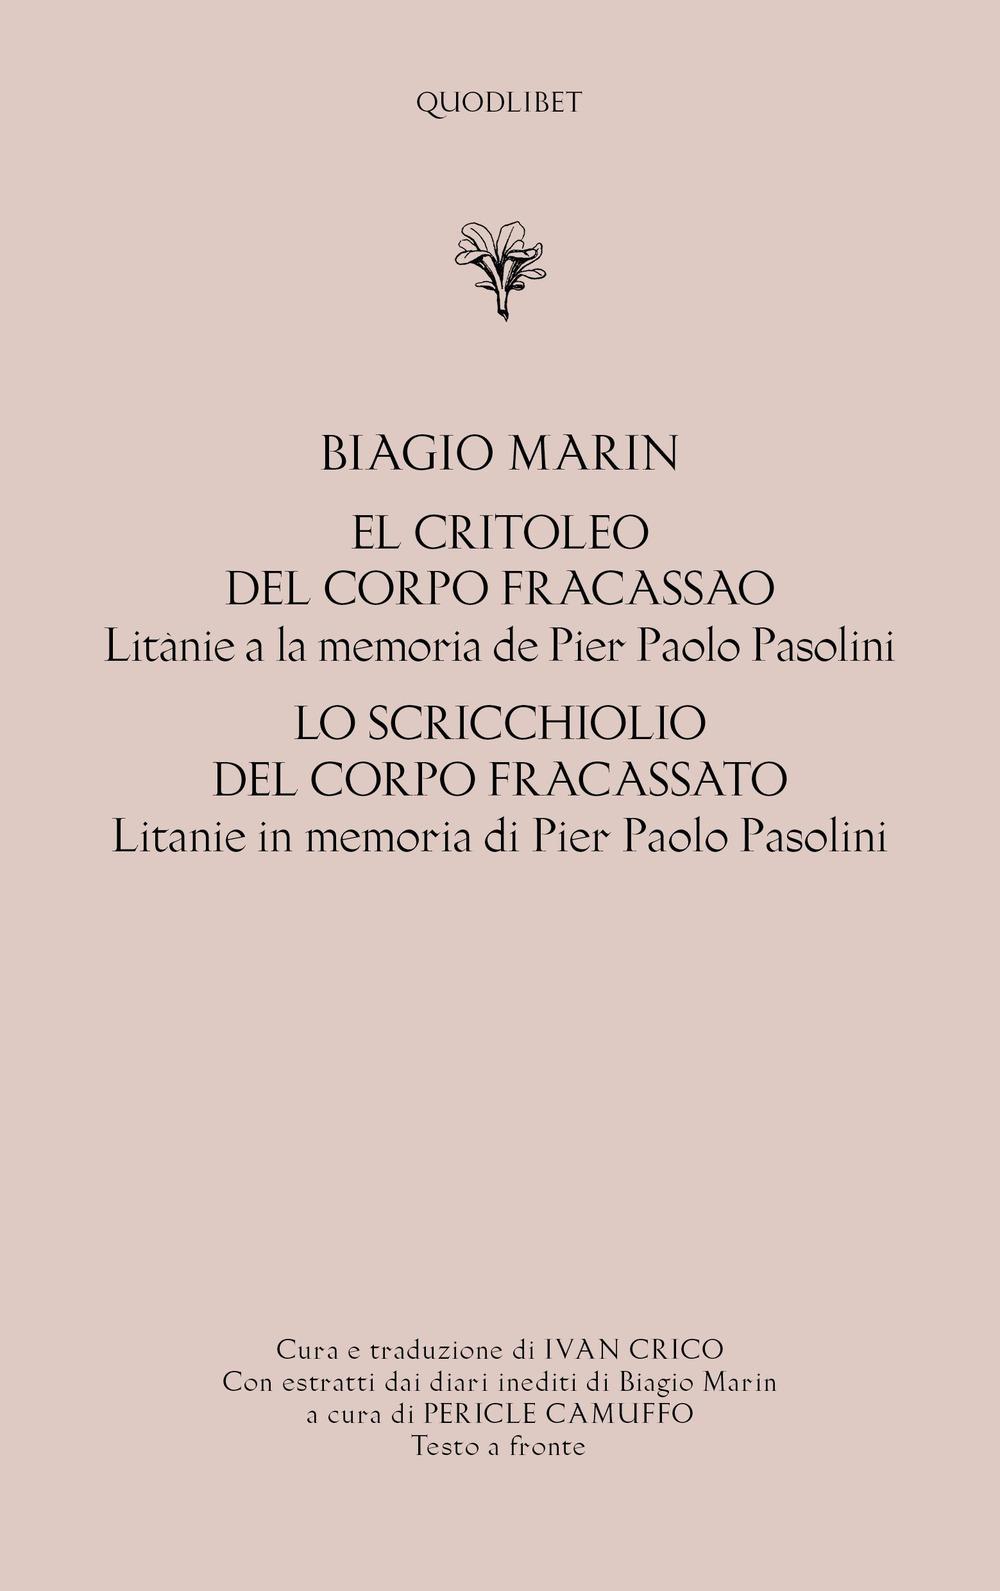 CRITOLEO DEL CORPO FRACASSAO. LITANIE A LA MEMORIA DE PIER PAOLO PASOLINI-LO SCRICCHIOLIO DEL CORPO FRACASSATO. LITANIE IN MEMORIA DI PIER PAOLO PASOLINI (EL) - Marin Biagio; Camuffo P. (cur.); Crico I. (cur.) - 9788822906458